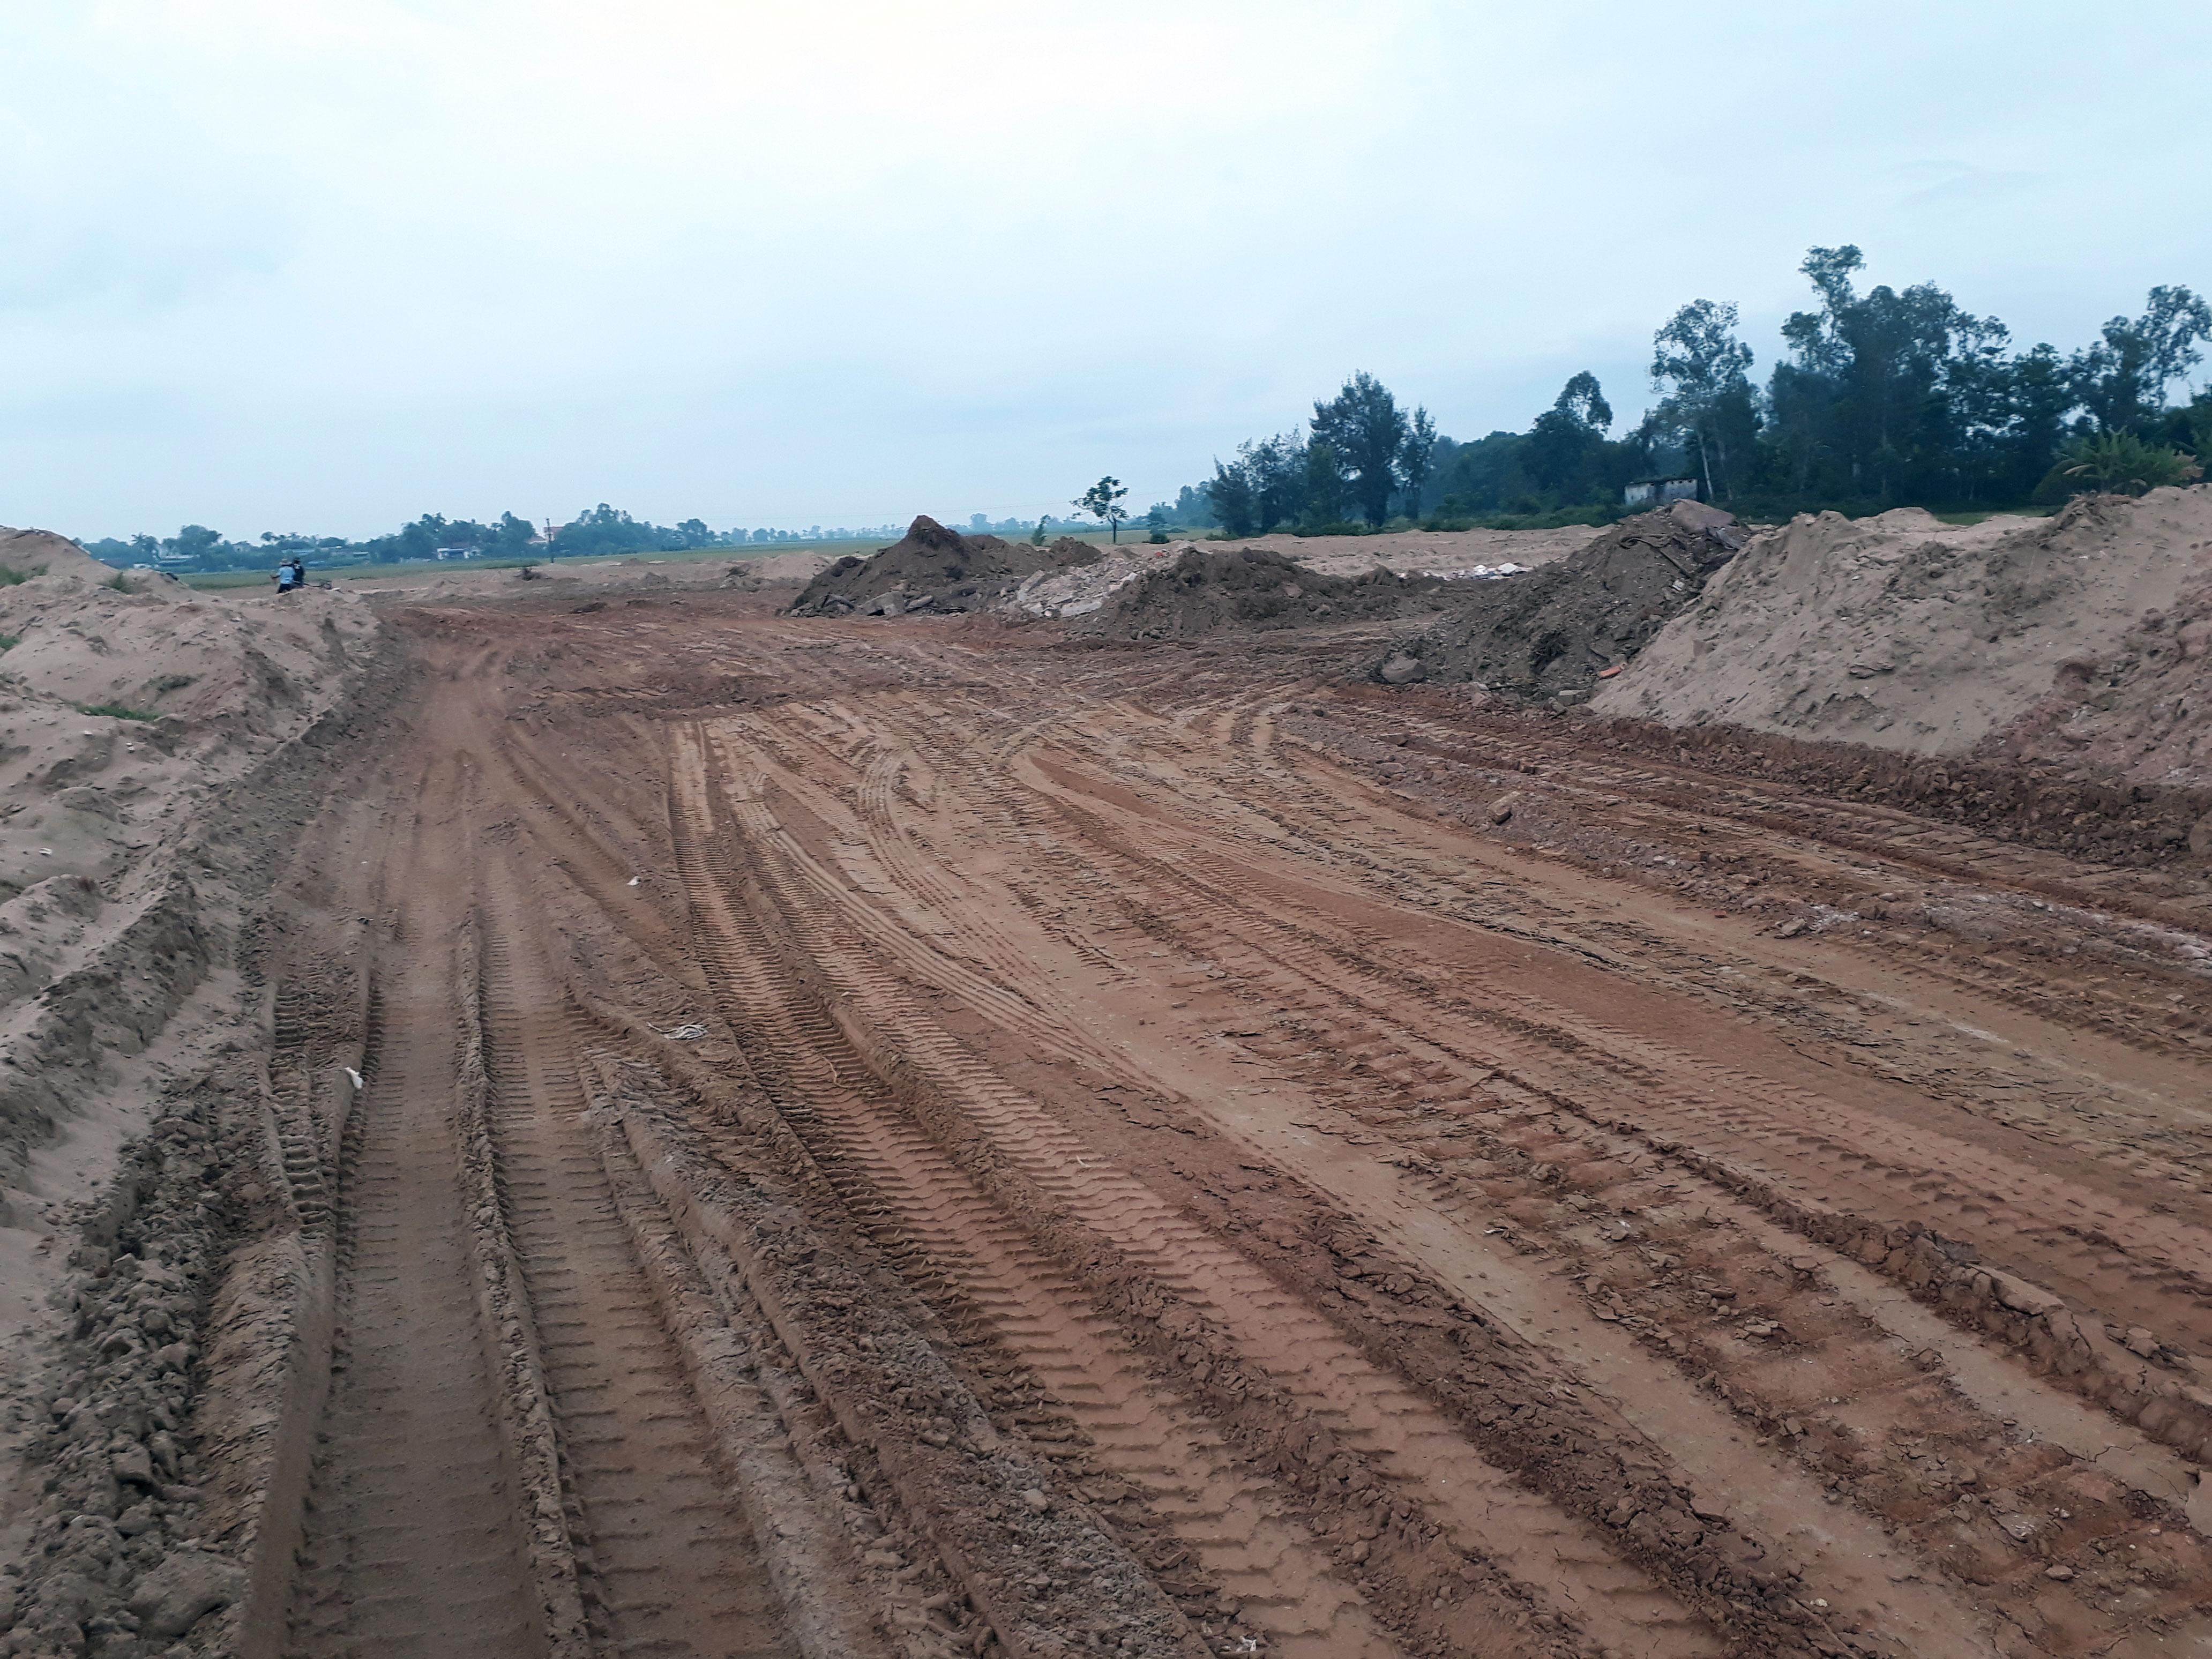 Dự án Tiên Trang Thanh Hóa: Người dân mất đất, các cơ quan chức năng vẫn chưa có biện pháp xử lí - Ảnh 1